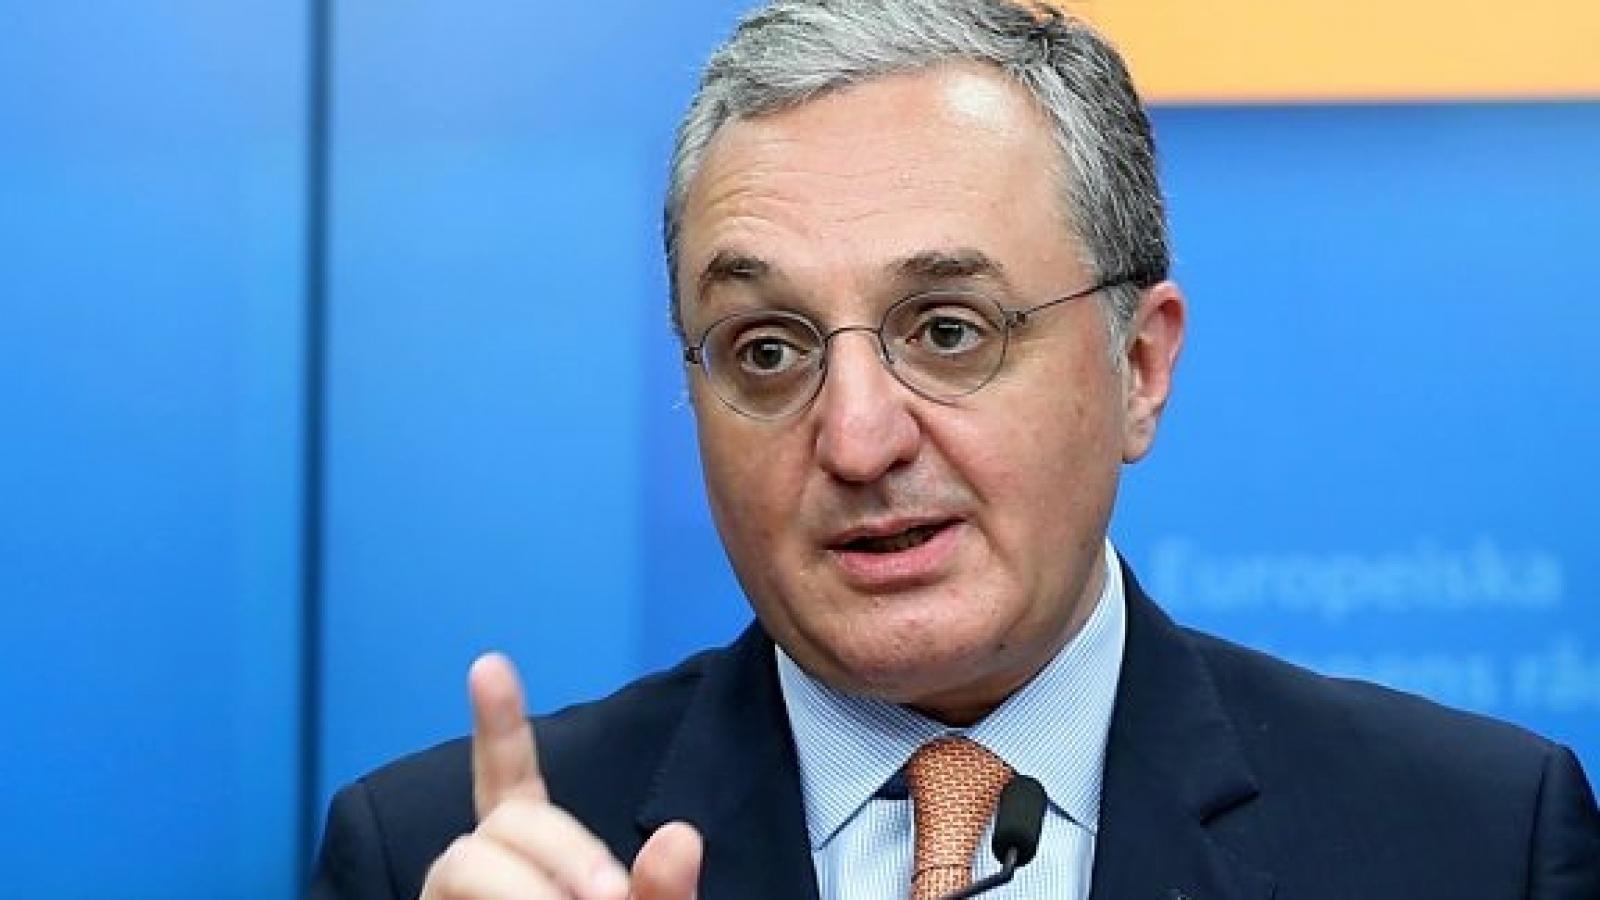 Ngoại trưởng Armenia từ chứctrước áp lực sau lệnh ngừng bắn với Azerbaijan